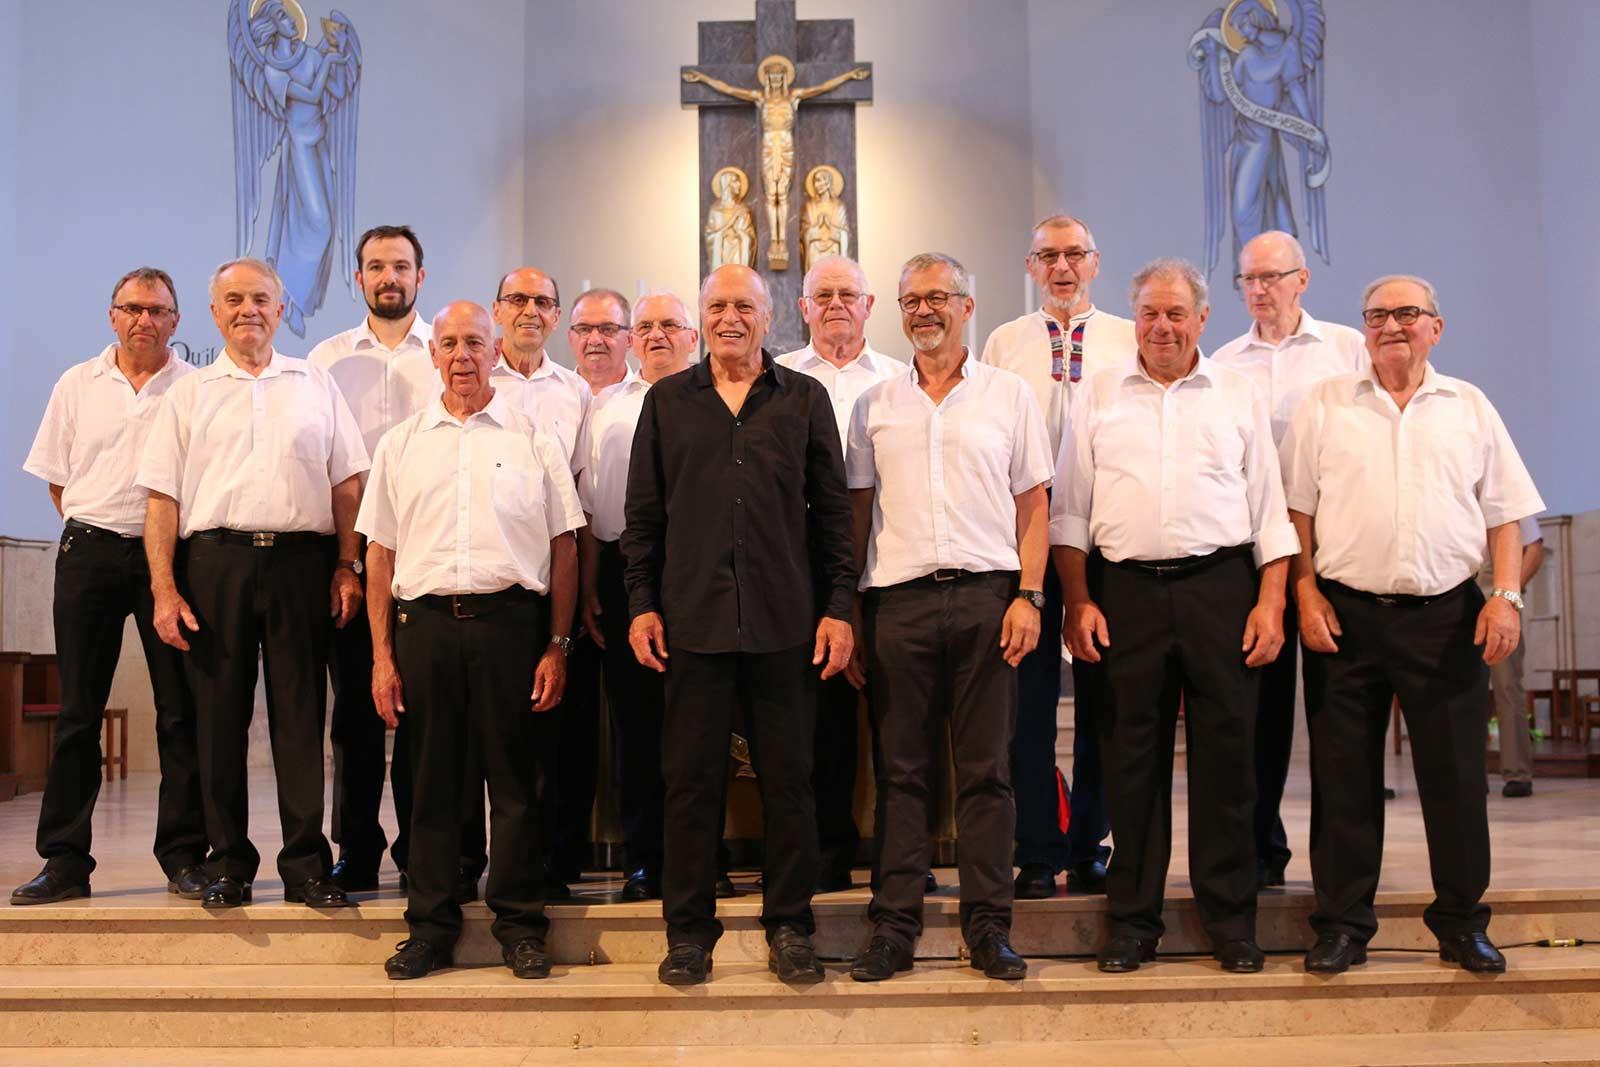 Concert de l'Avent Choeur d'hommes Concordia 1876, Niederbronn-les-Bains